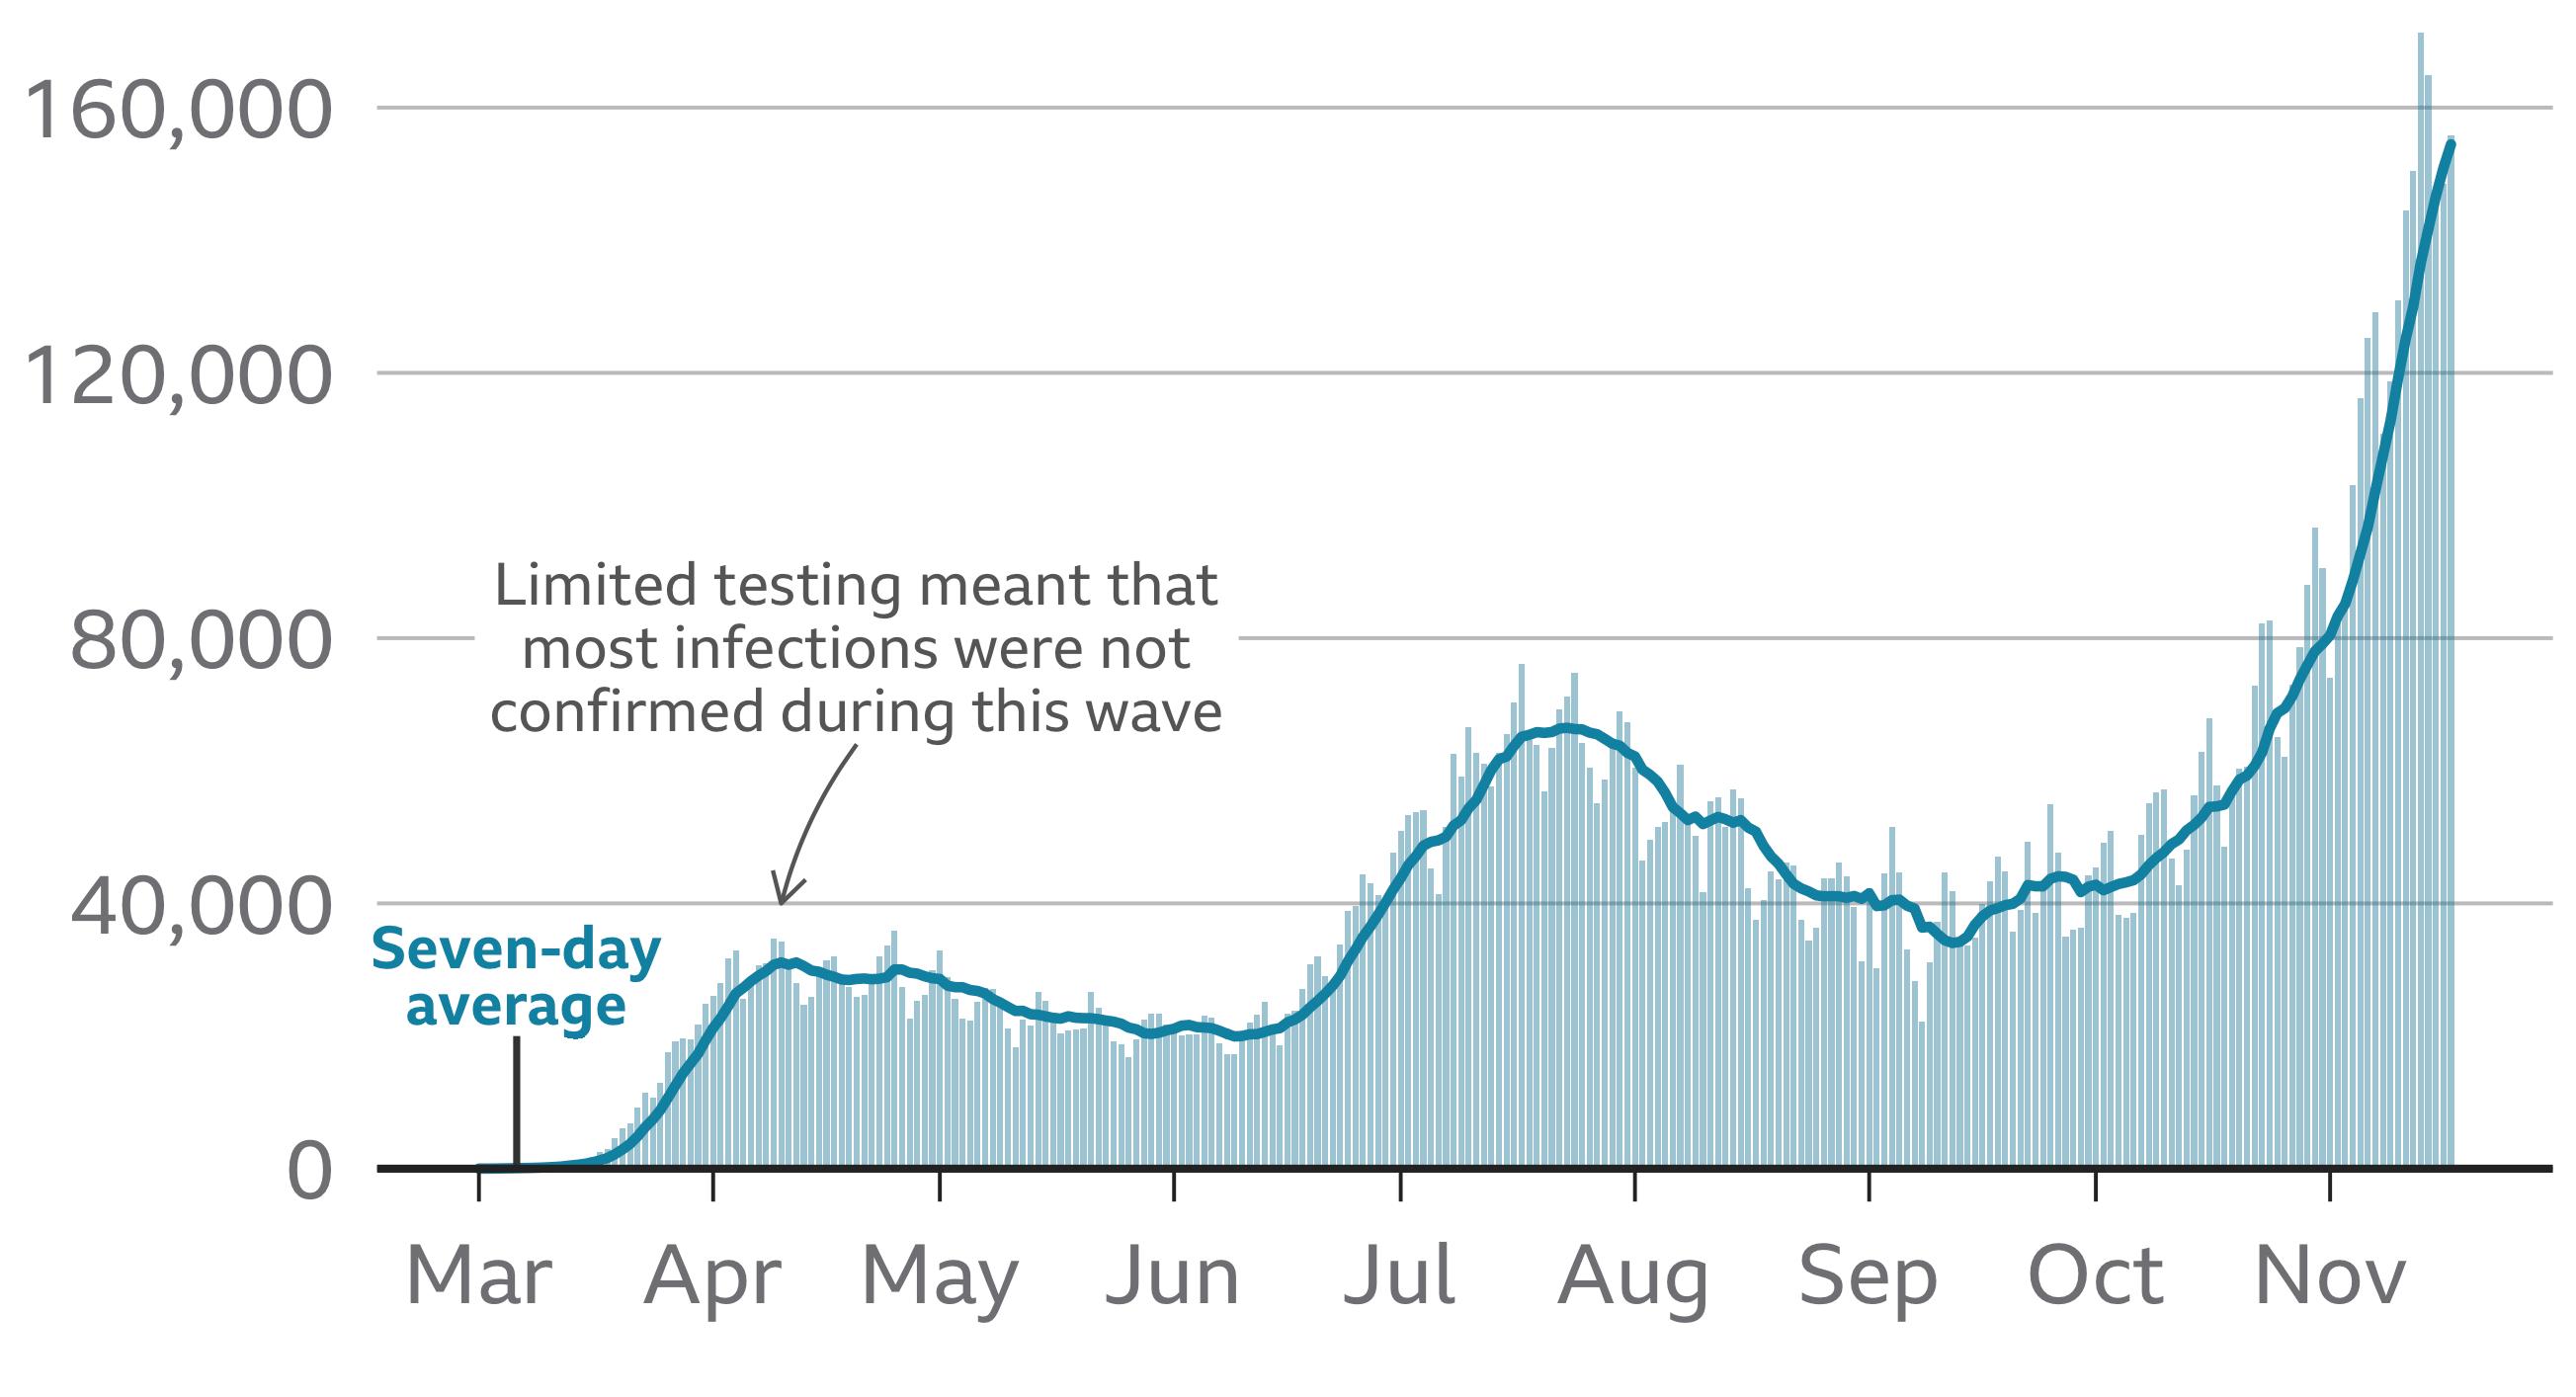 история заражений в США коронавирусом с весны 2020